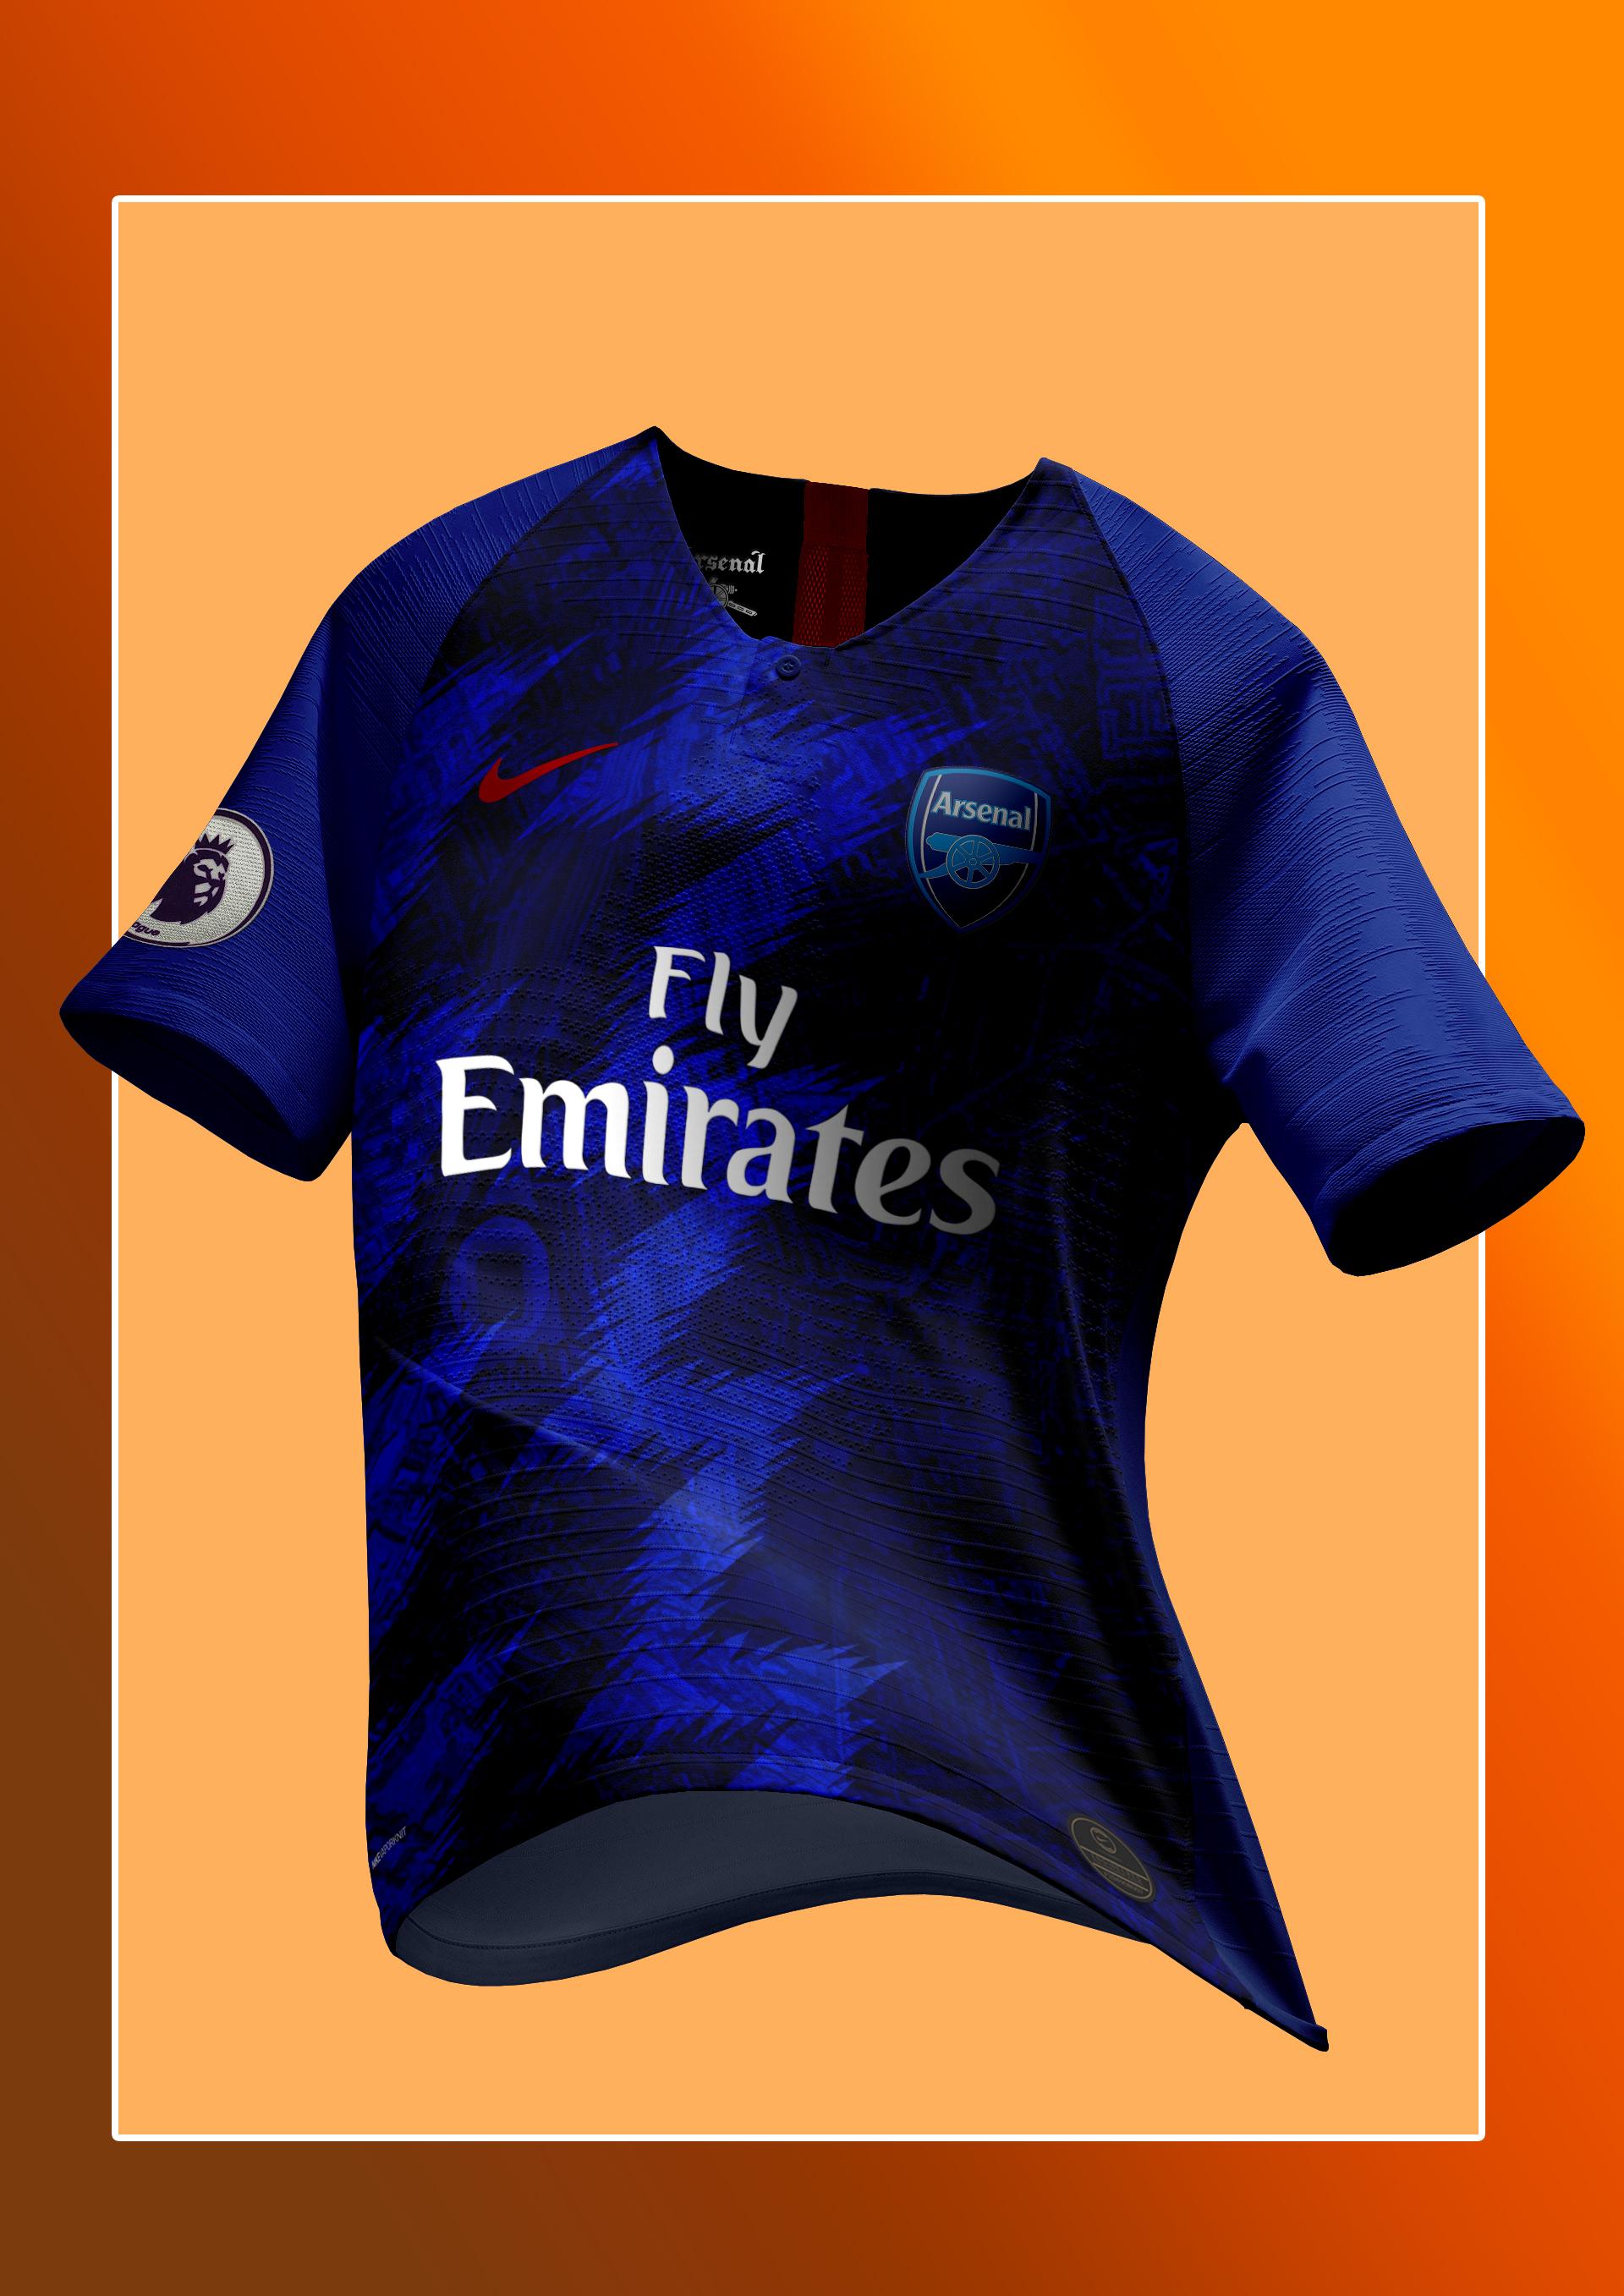 6dde45e04b5 Nike Arsenal FC 2019-20 Third Jersey Concept